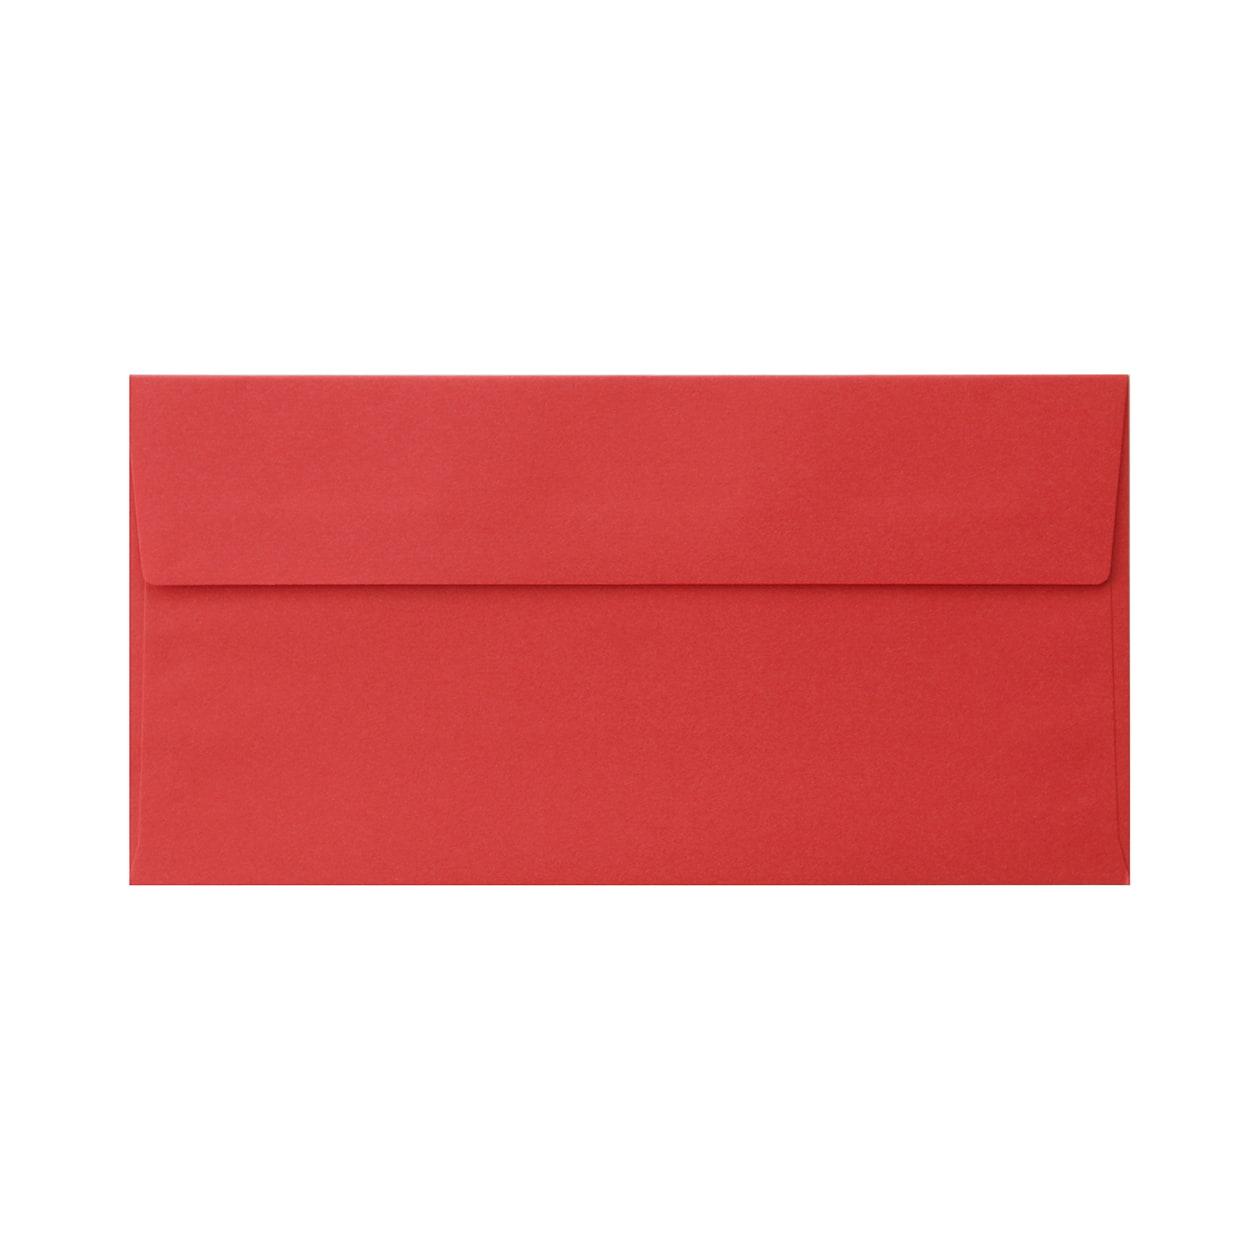 長3カマス封筒 コットン レッド 116.3g